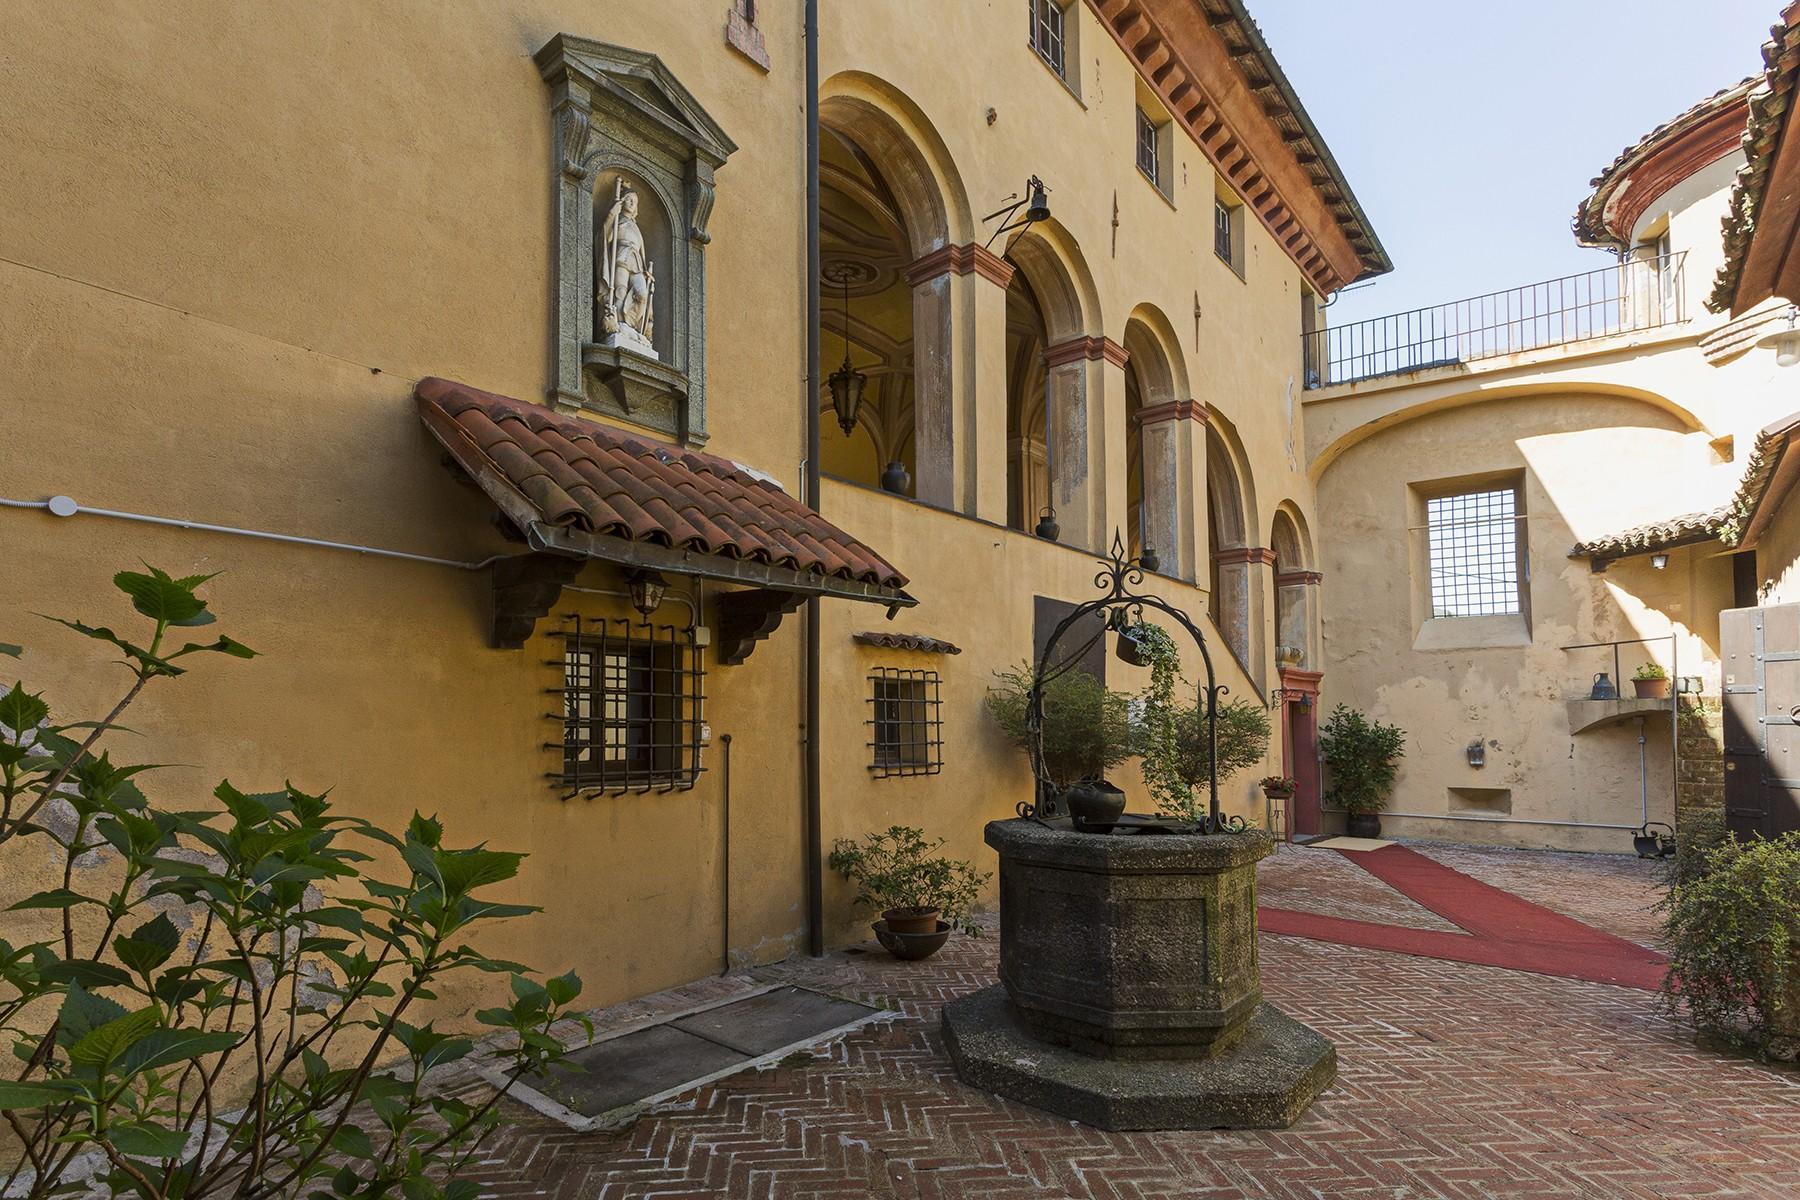 Élégant château médiéval avec église privée - 10